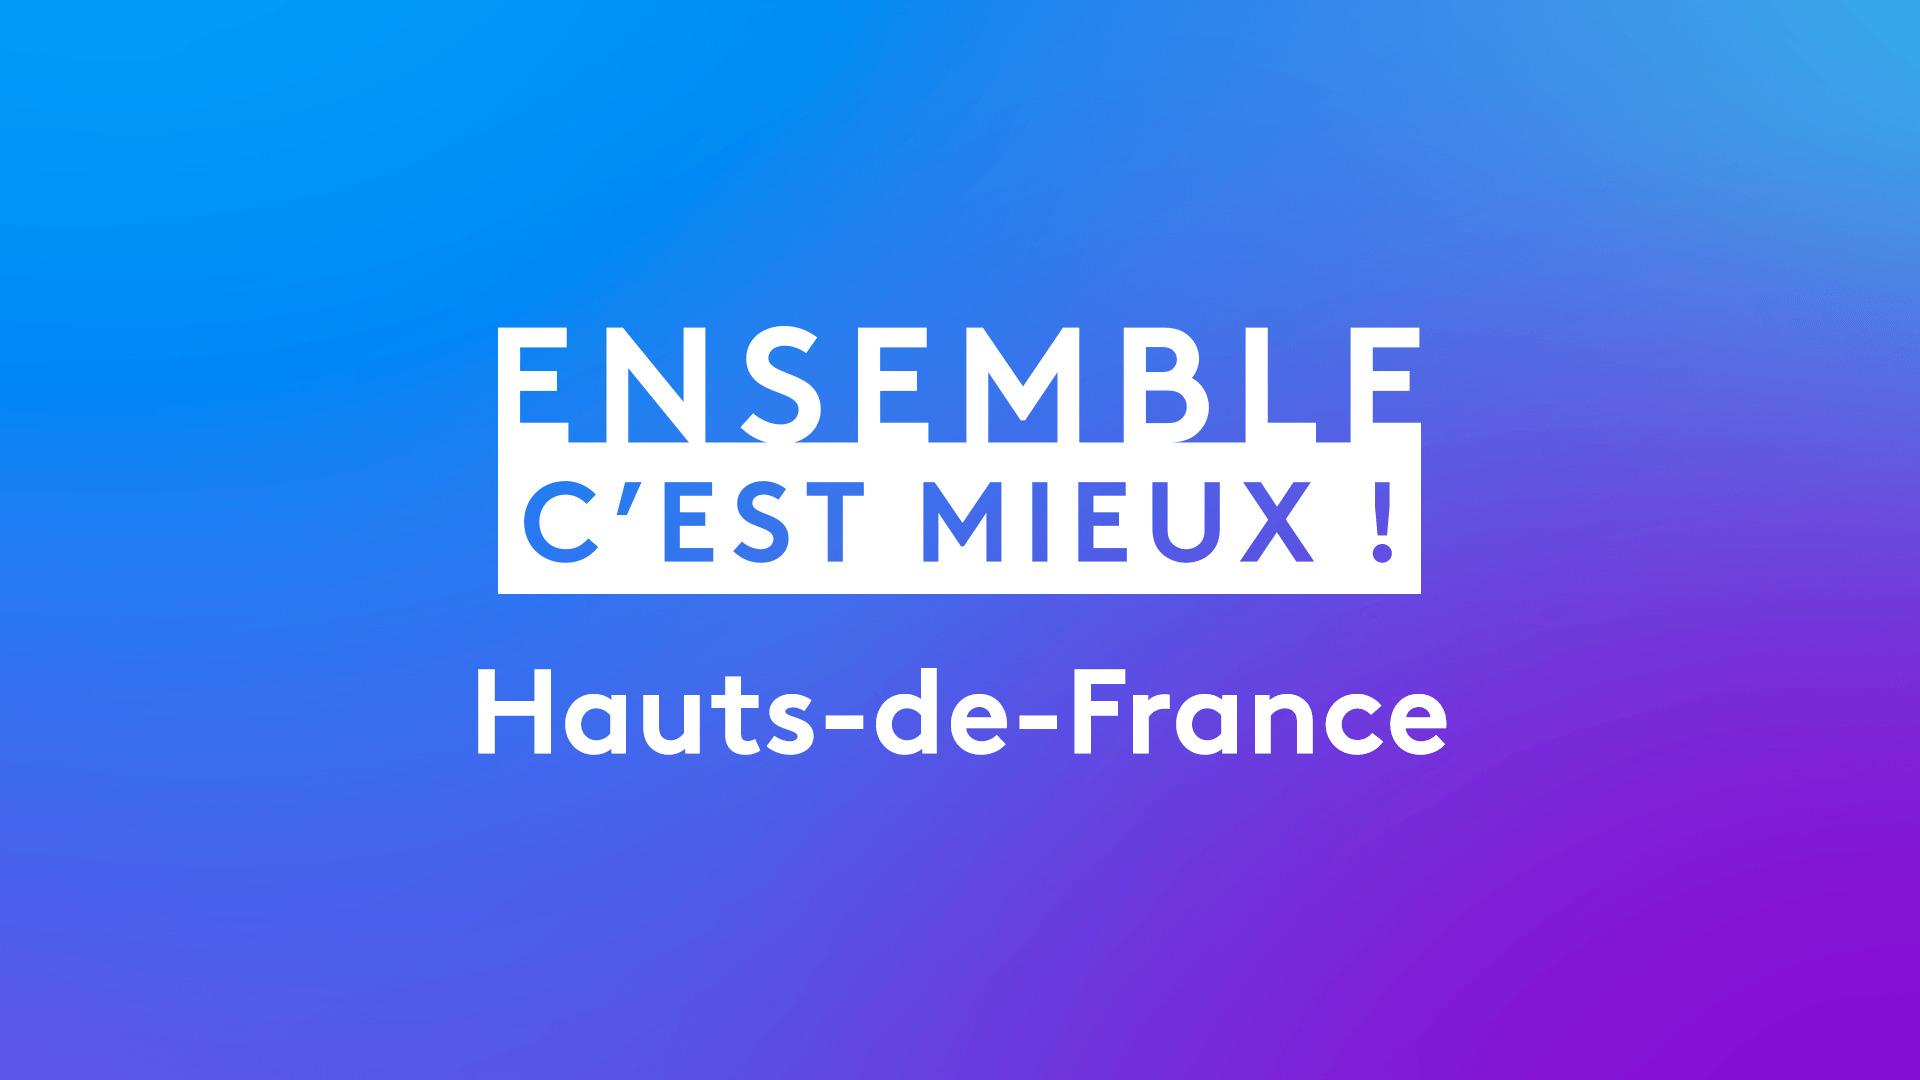 Ensemble c'est mieux ! Hauts-de-France : L'Atelier d'Ikaa à Saint-Quentin